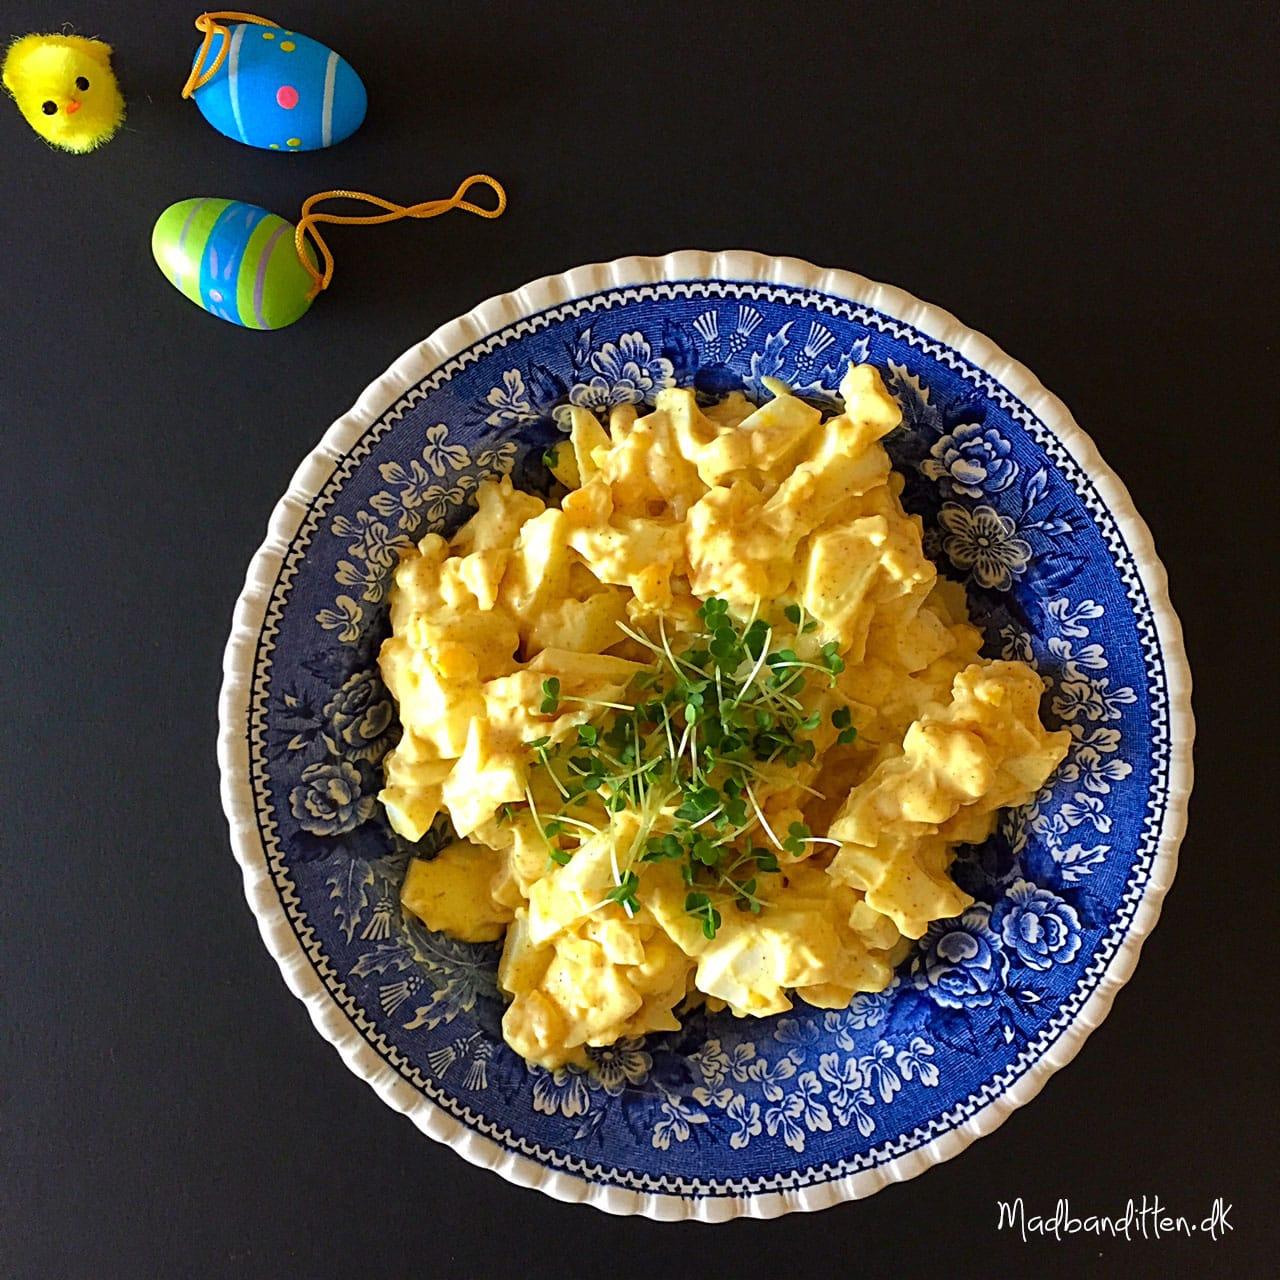 LCHF-æggesalat til påskebordet --Madbanditten.dk